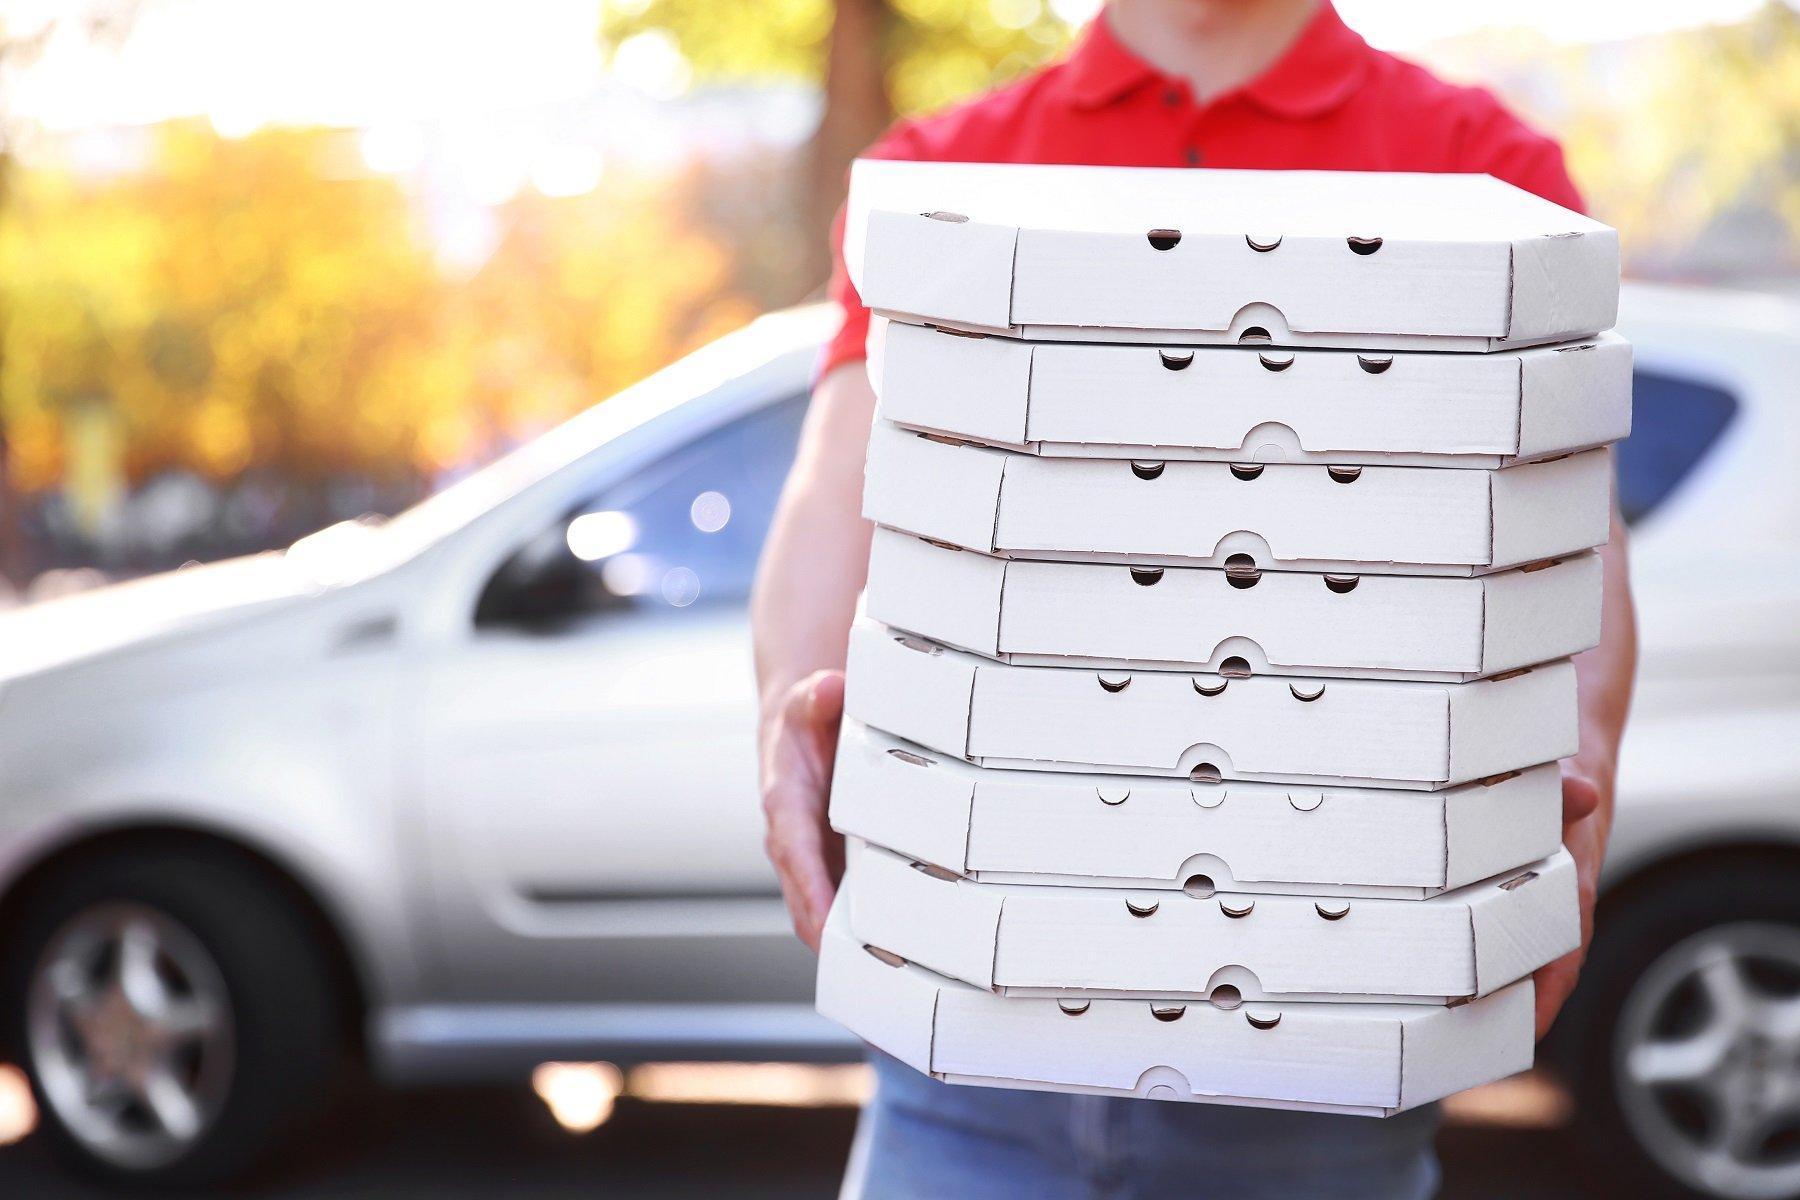 Pizza Delivery ragazzo in possesso di scatole di pizza vicino auto